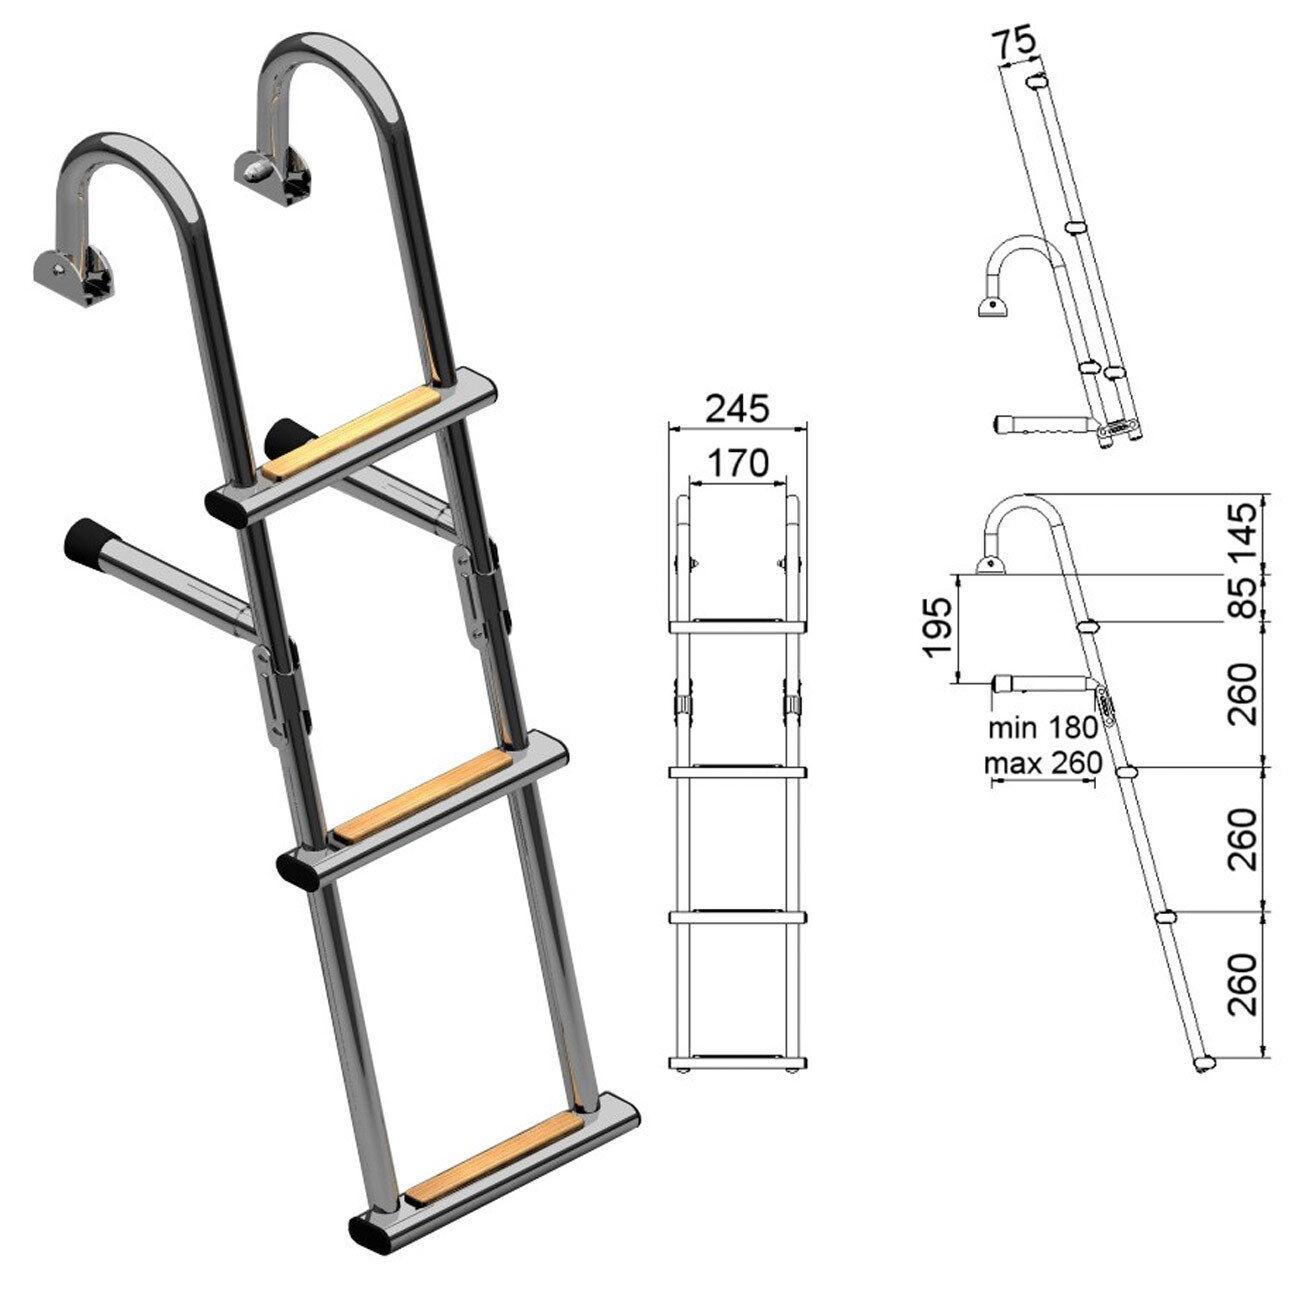 Nautinox Edelstahl Badeleiter mit mit mit Iroko Stufen ,versch. Varianten, Stiefel-Leiter c23e7d